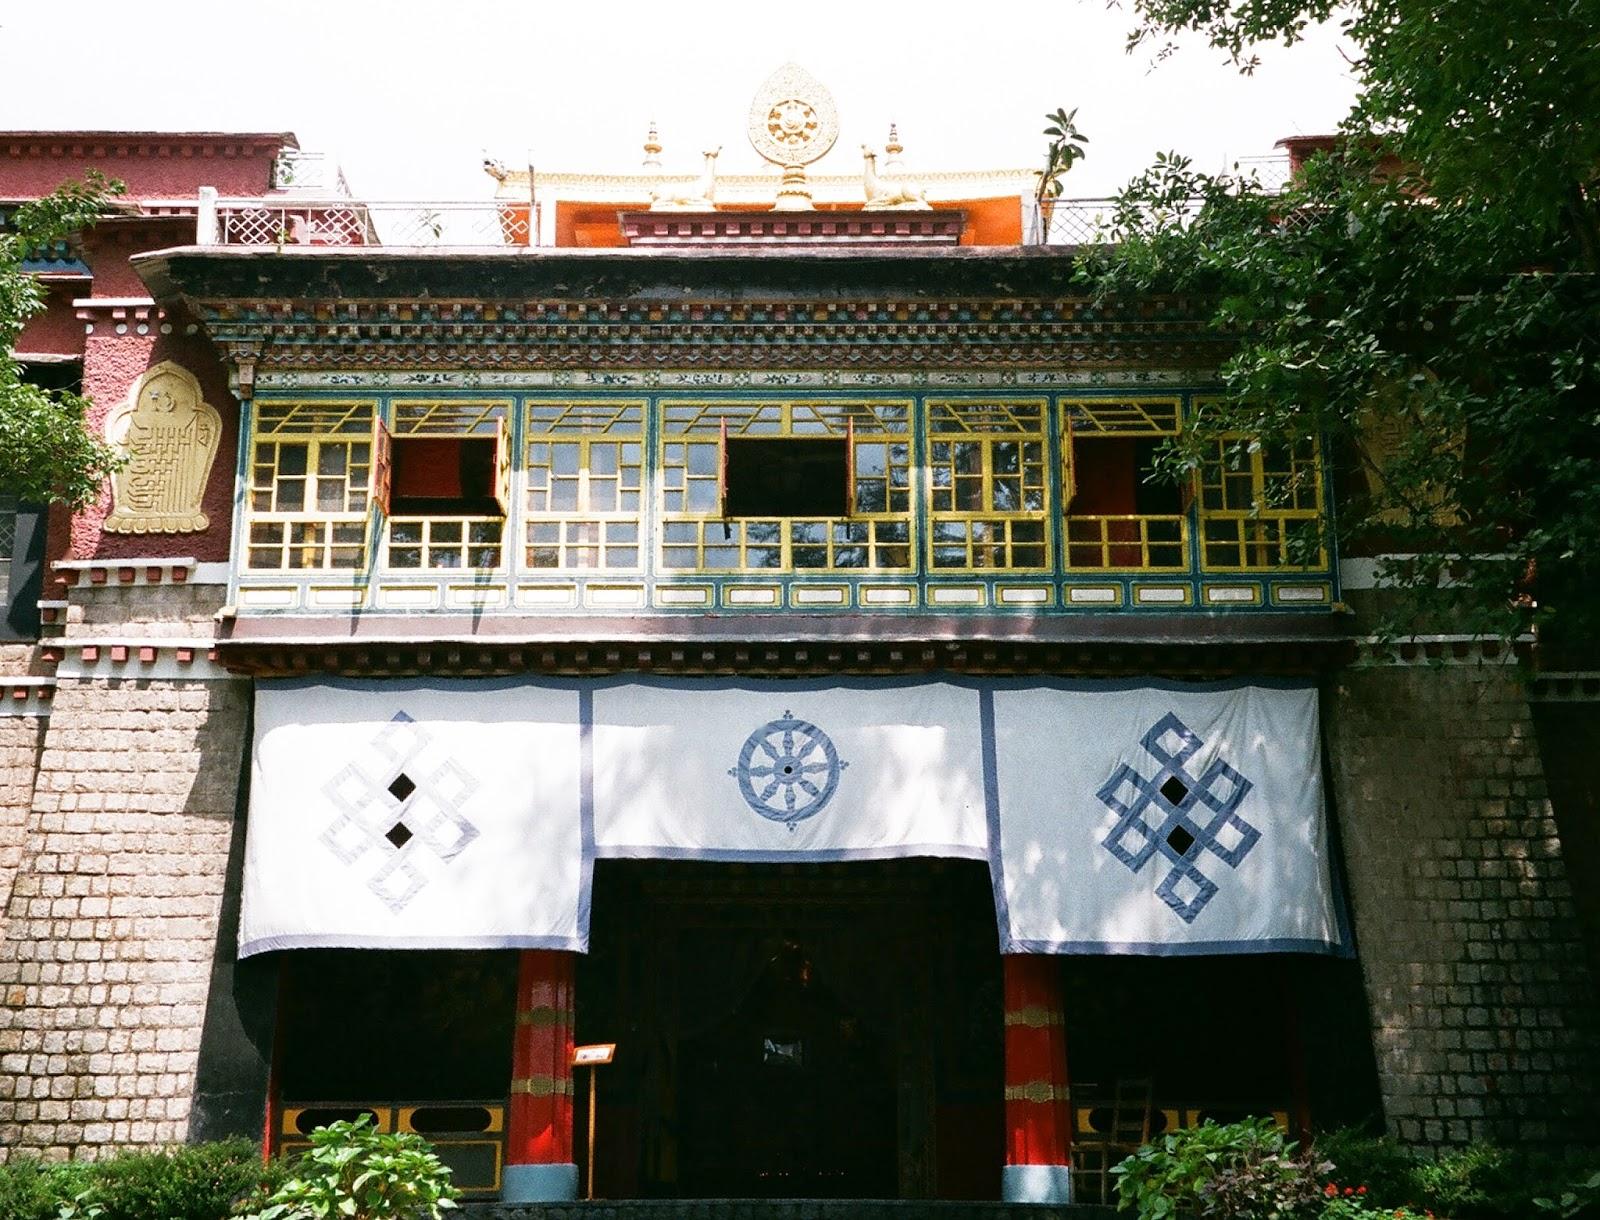 【遊記】印度 - 達蘭薩拉 羅布林卡宮 / 西藏兒童村TCV(Dharamsala) - Joanne wang